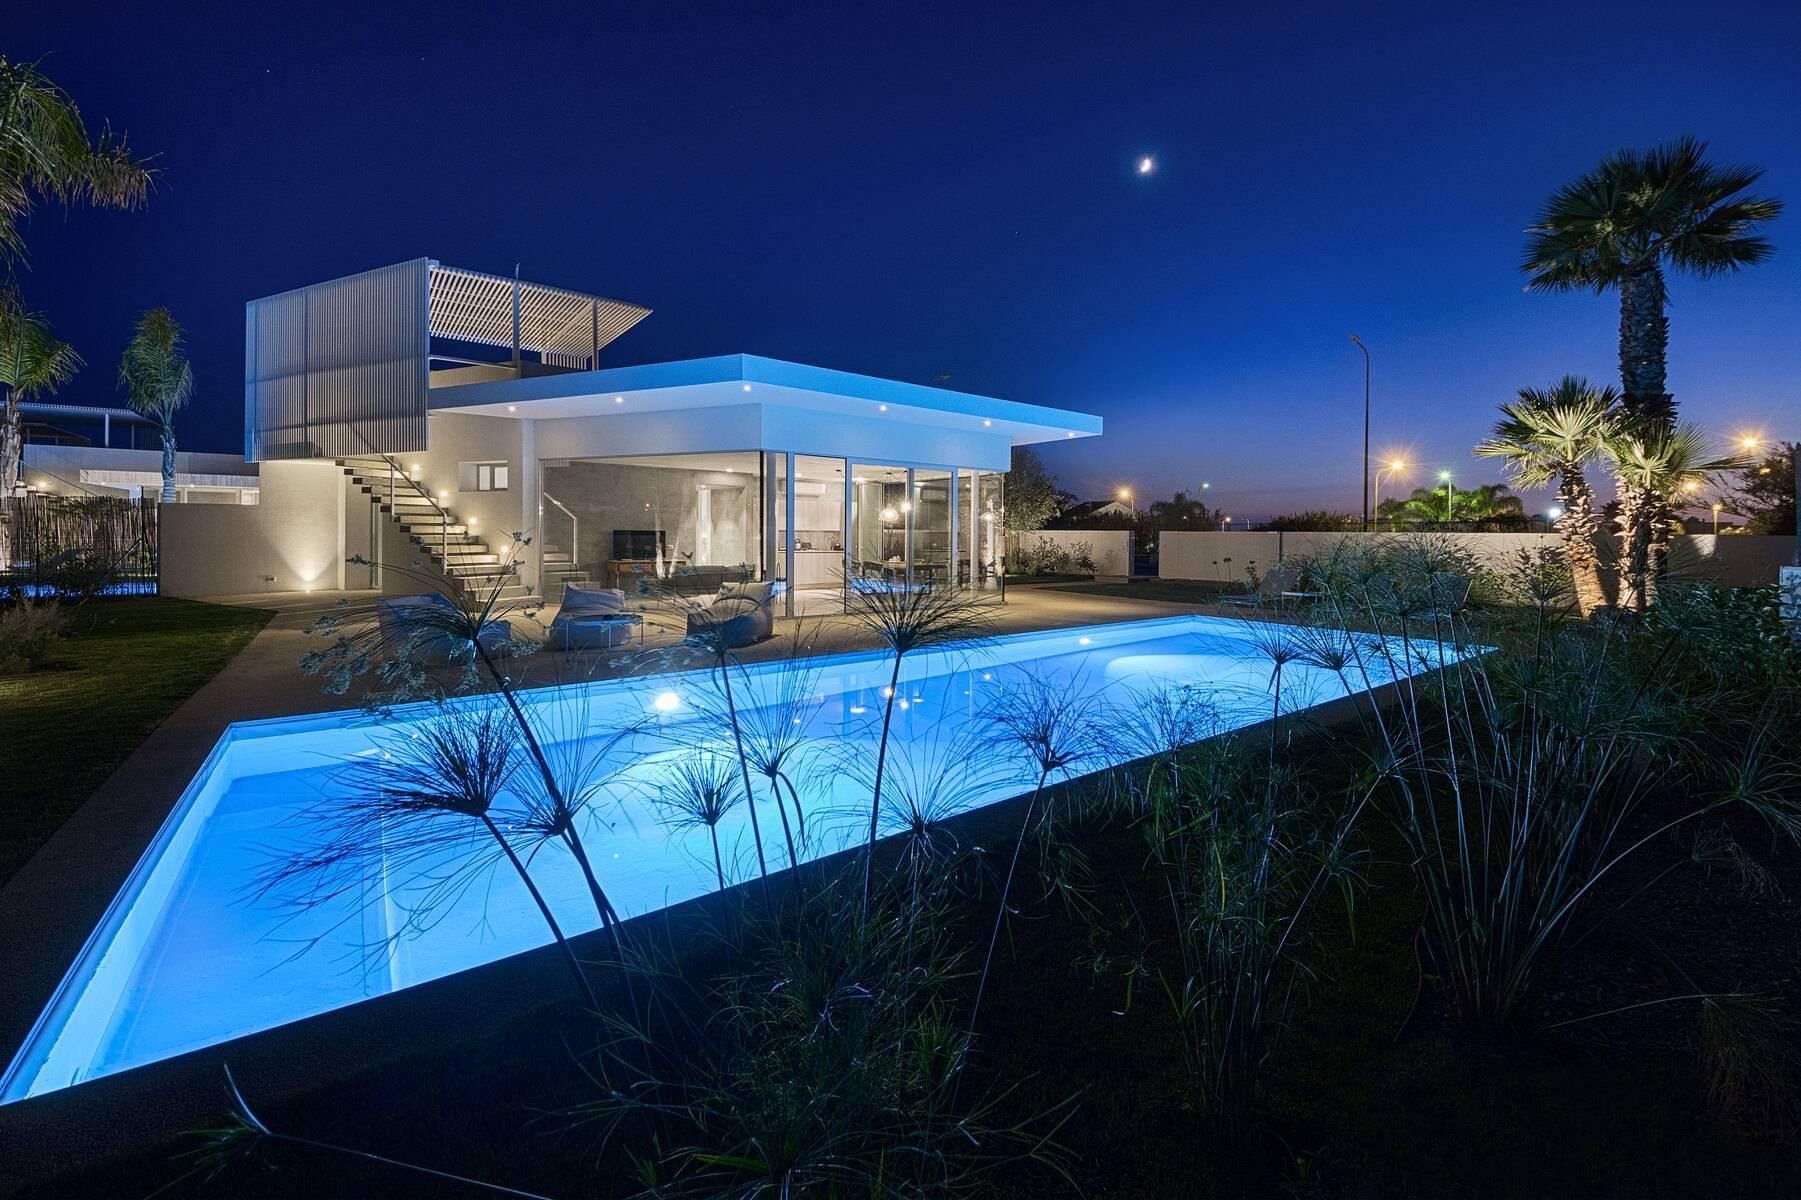 Villa indipendente con piscina a pochi passi dal mare - 2